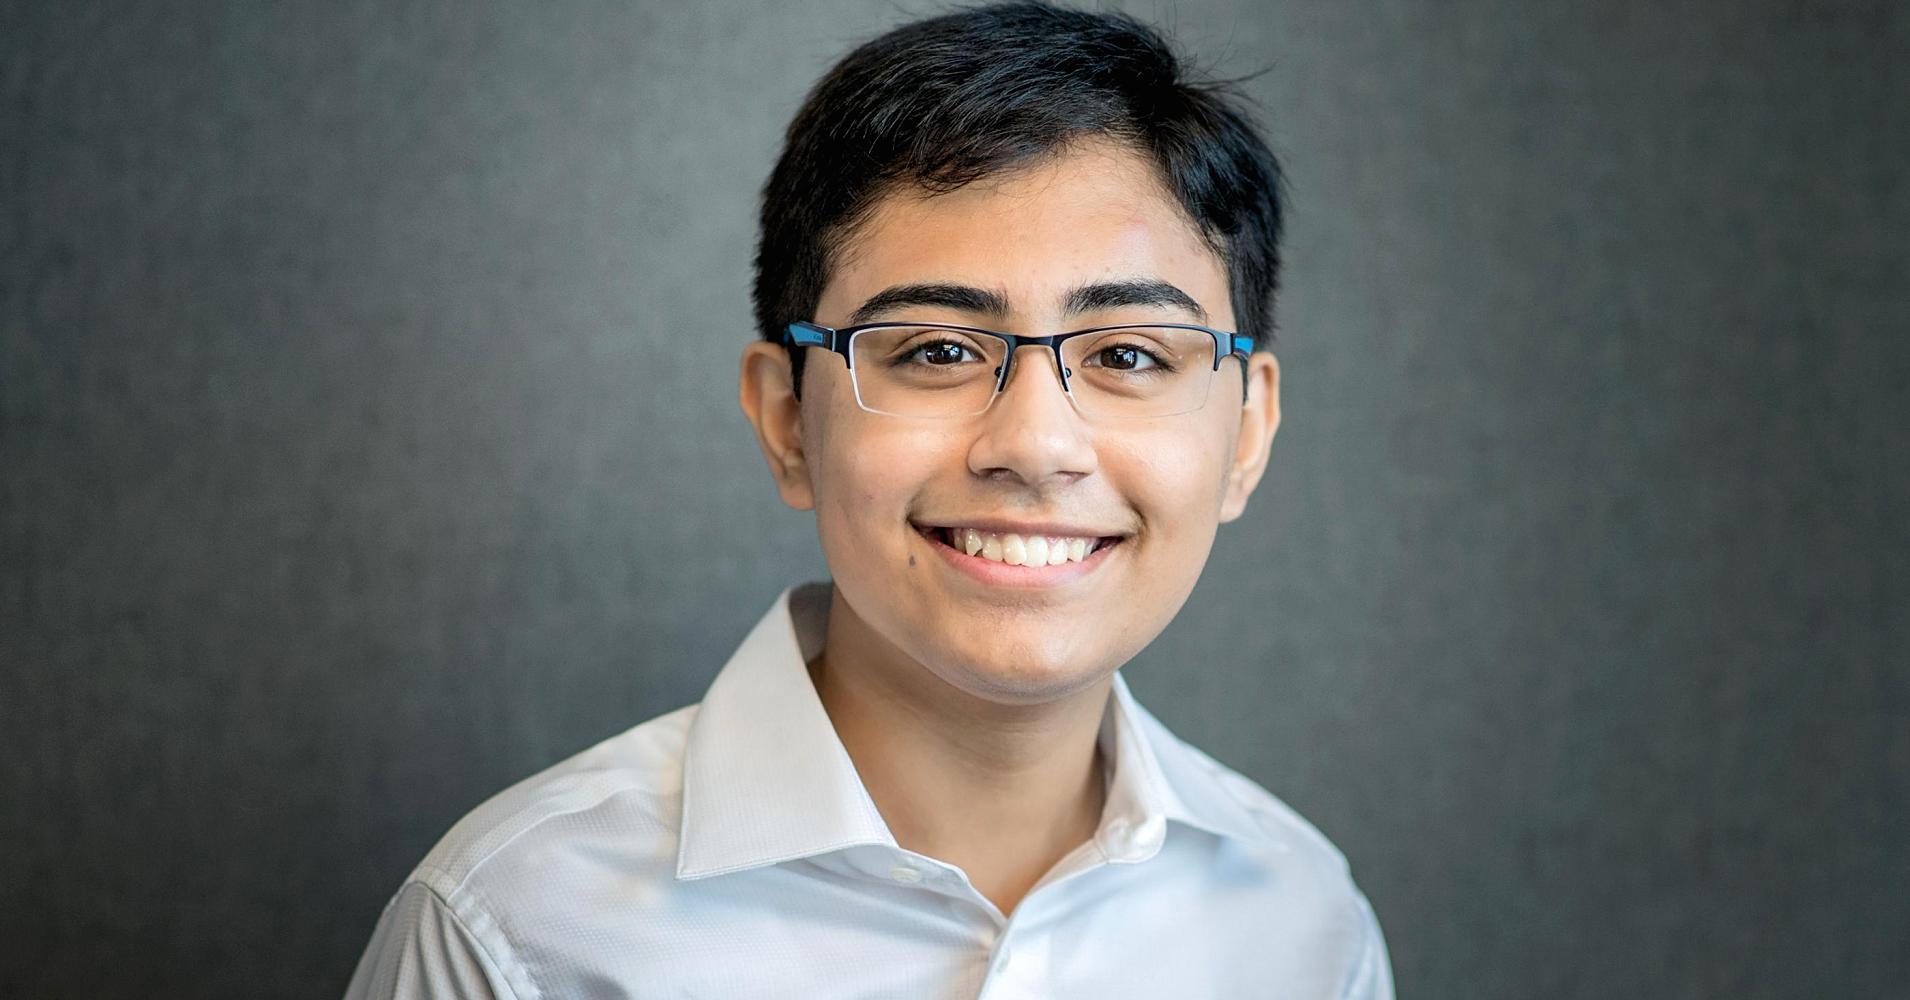 Thiếu niên tự học lập trình AI, được các tập đoàn công nghệ săn đón